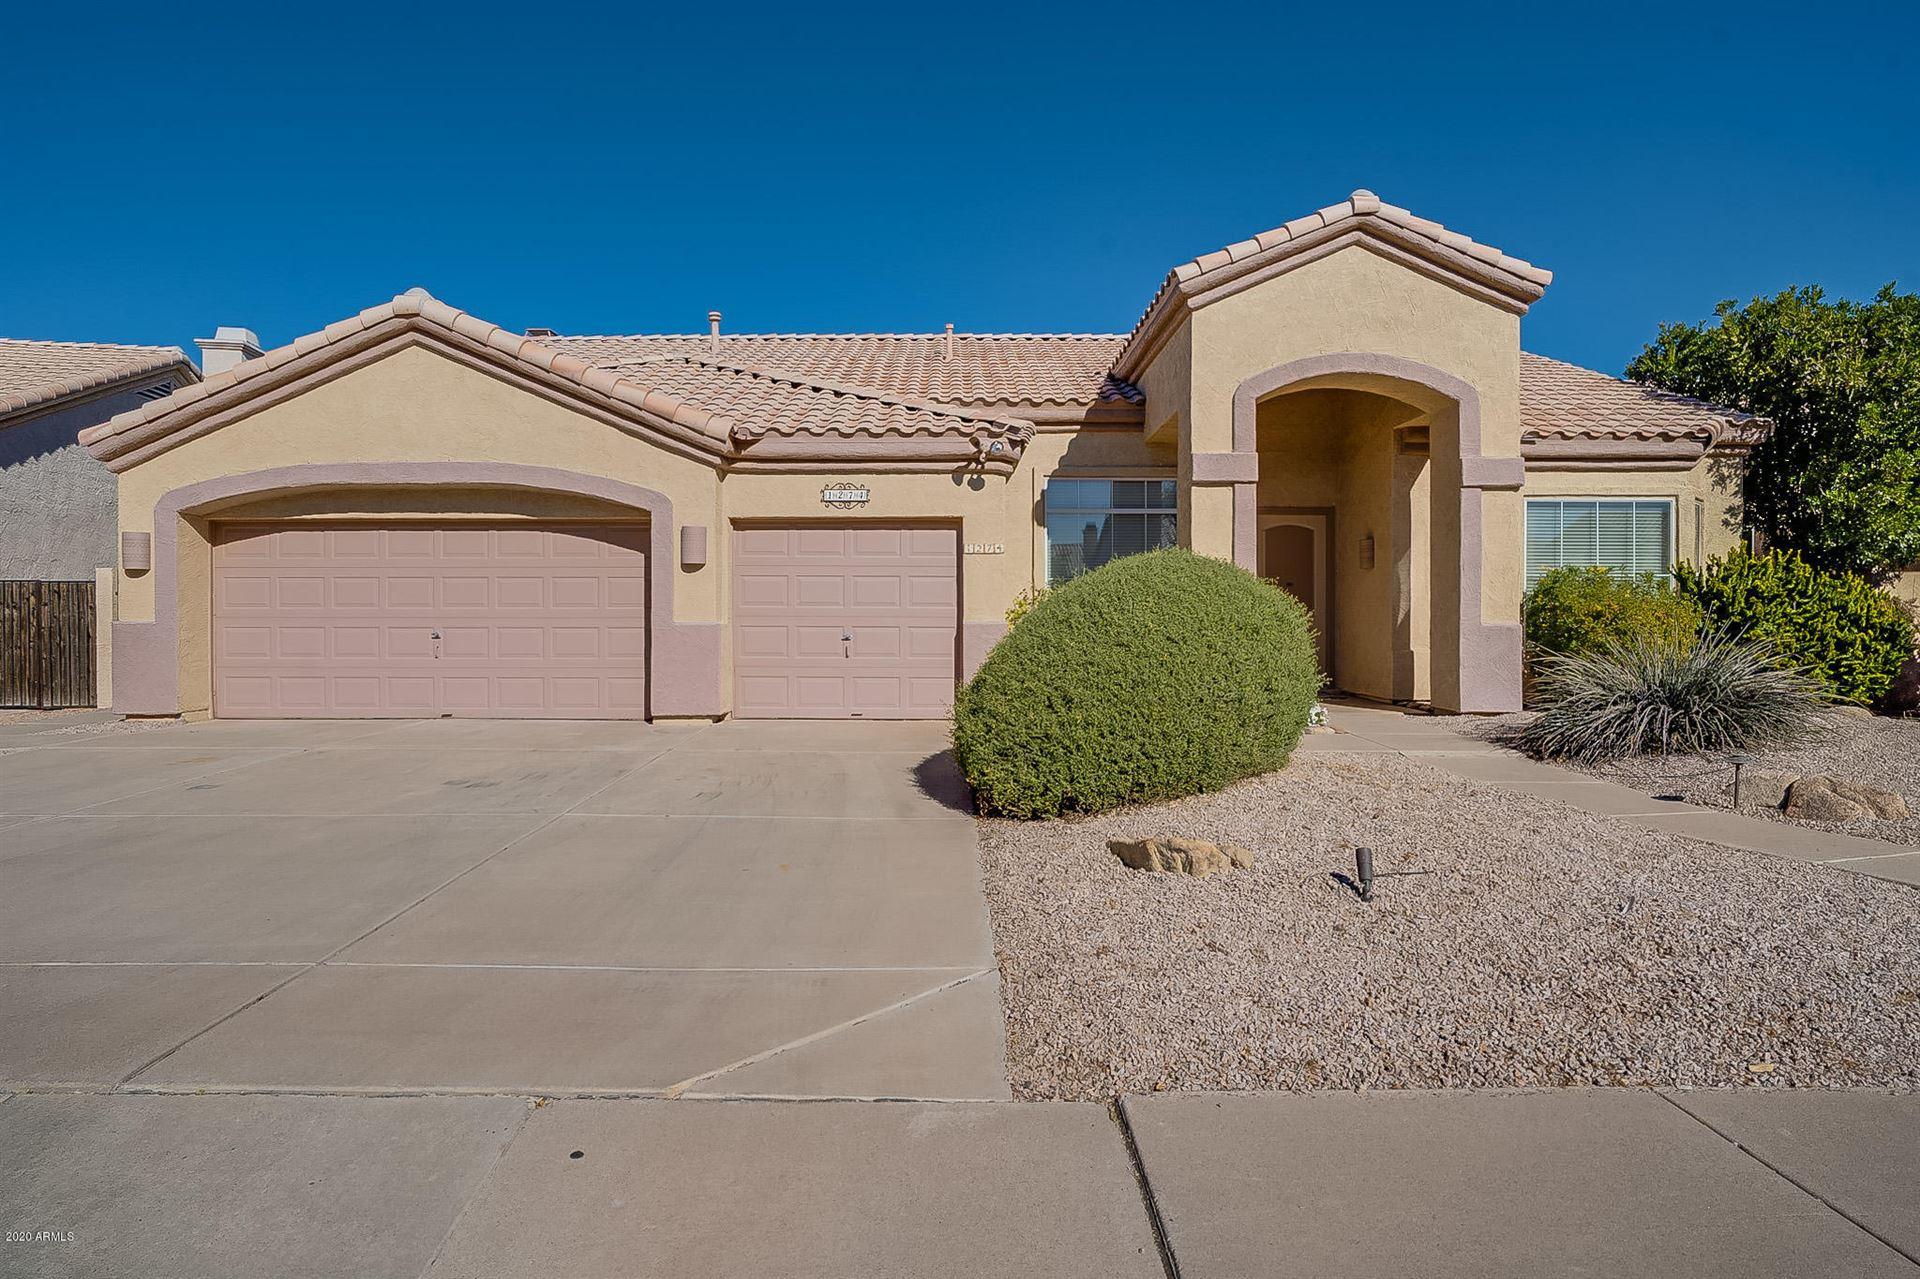 1274 W WINDHAVEN Avenue, Gilbert, AZ 85233 - MLS#: 6098869